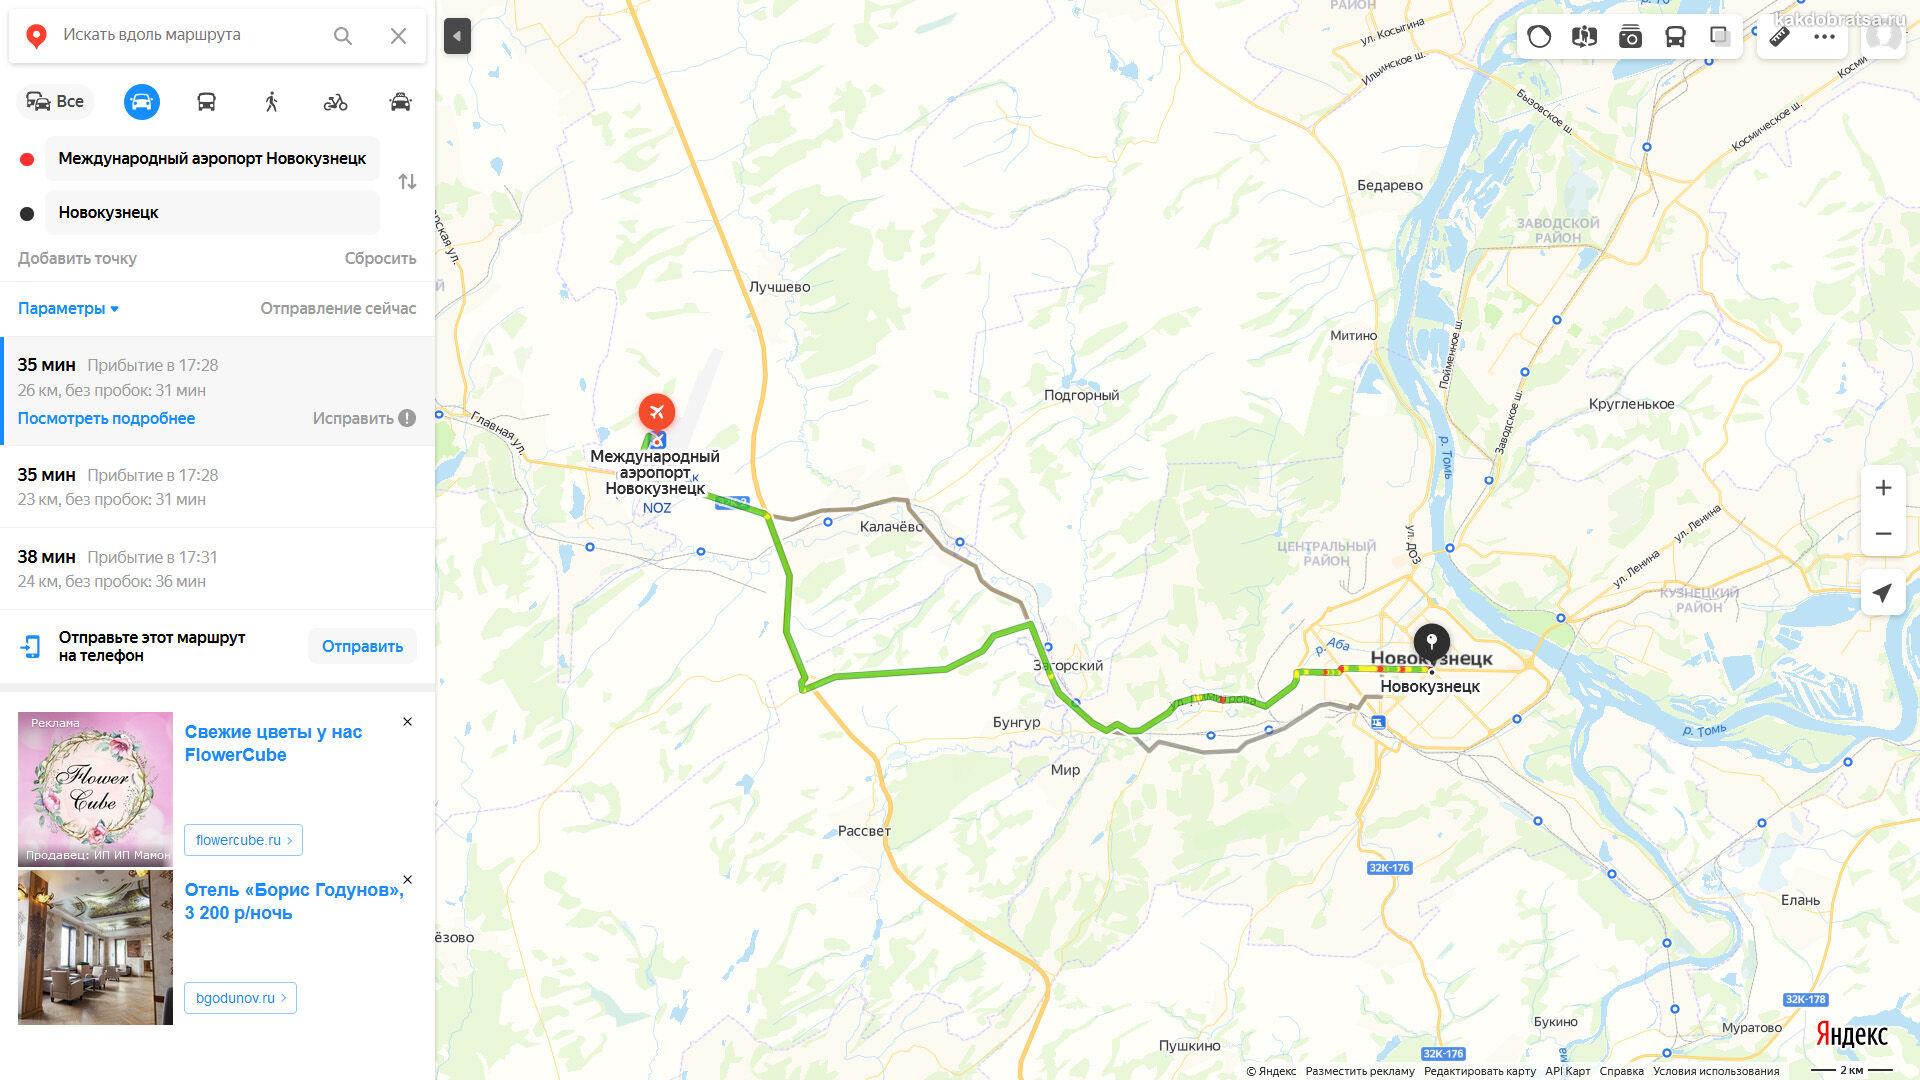 Аэропорт Новокузнецк на карте и расстояние до центра